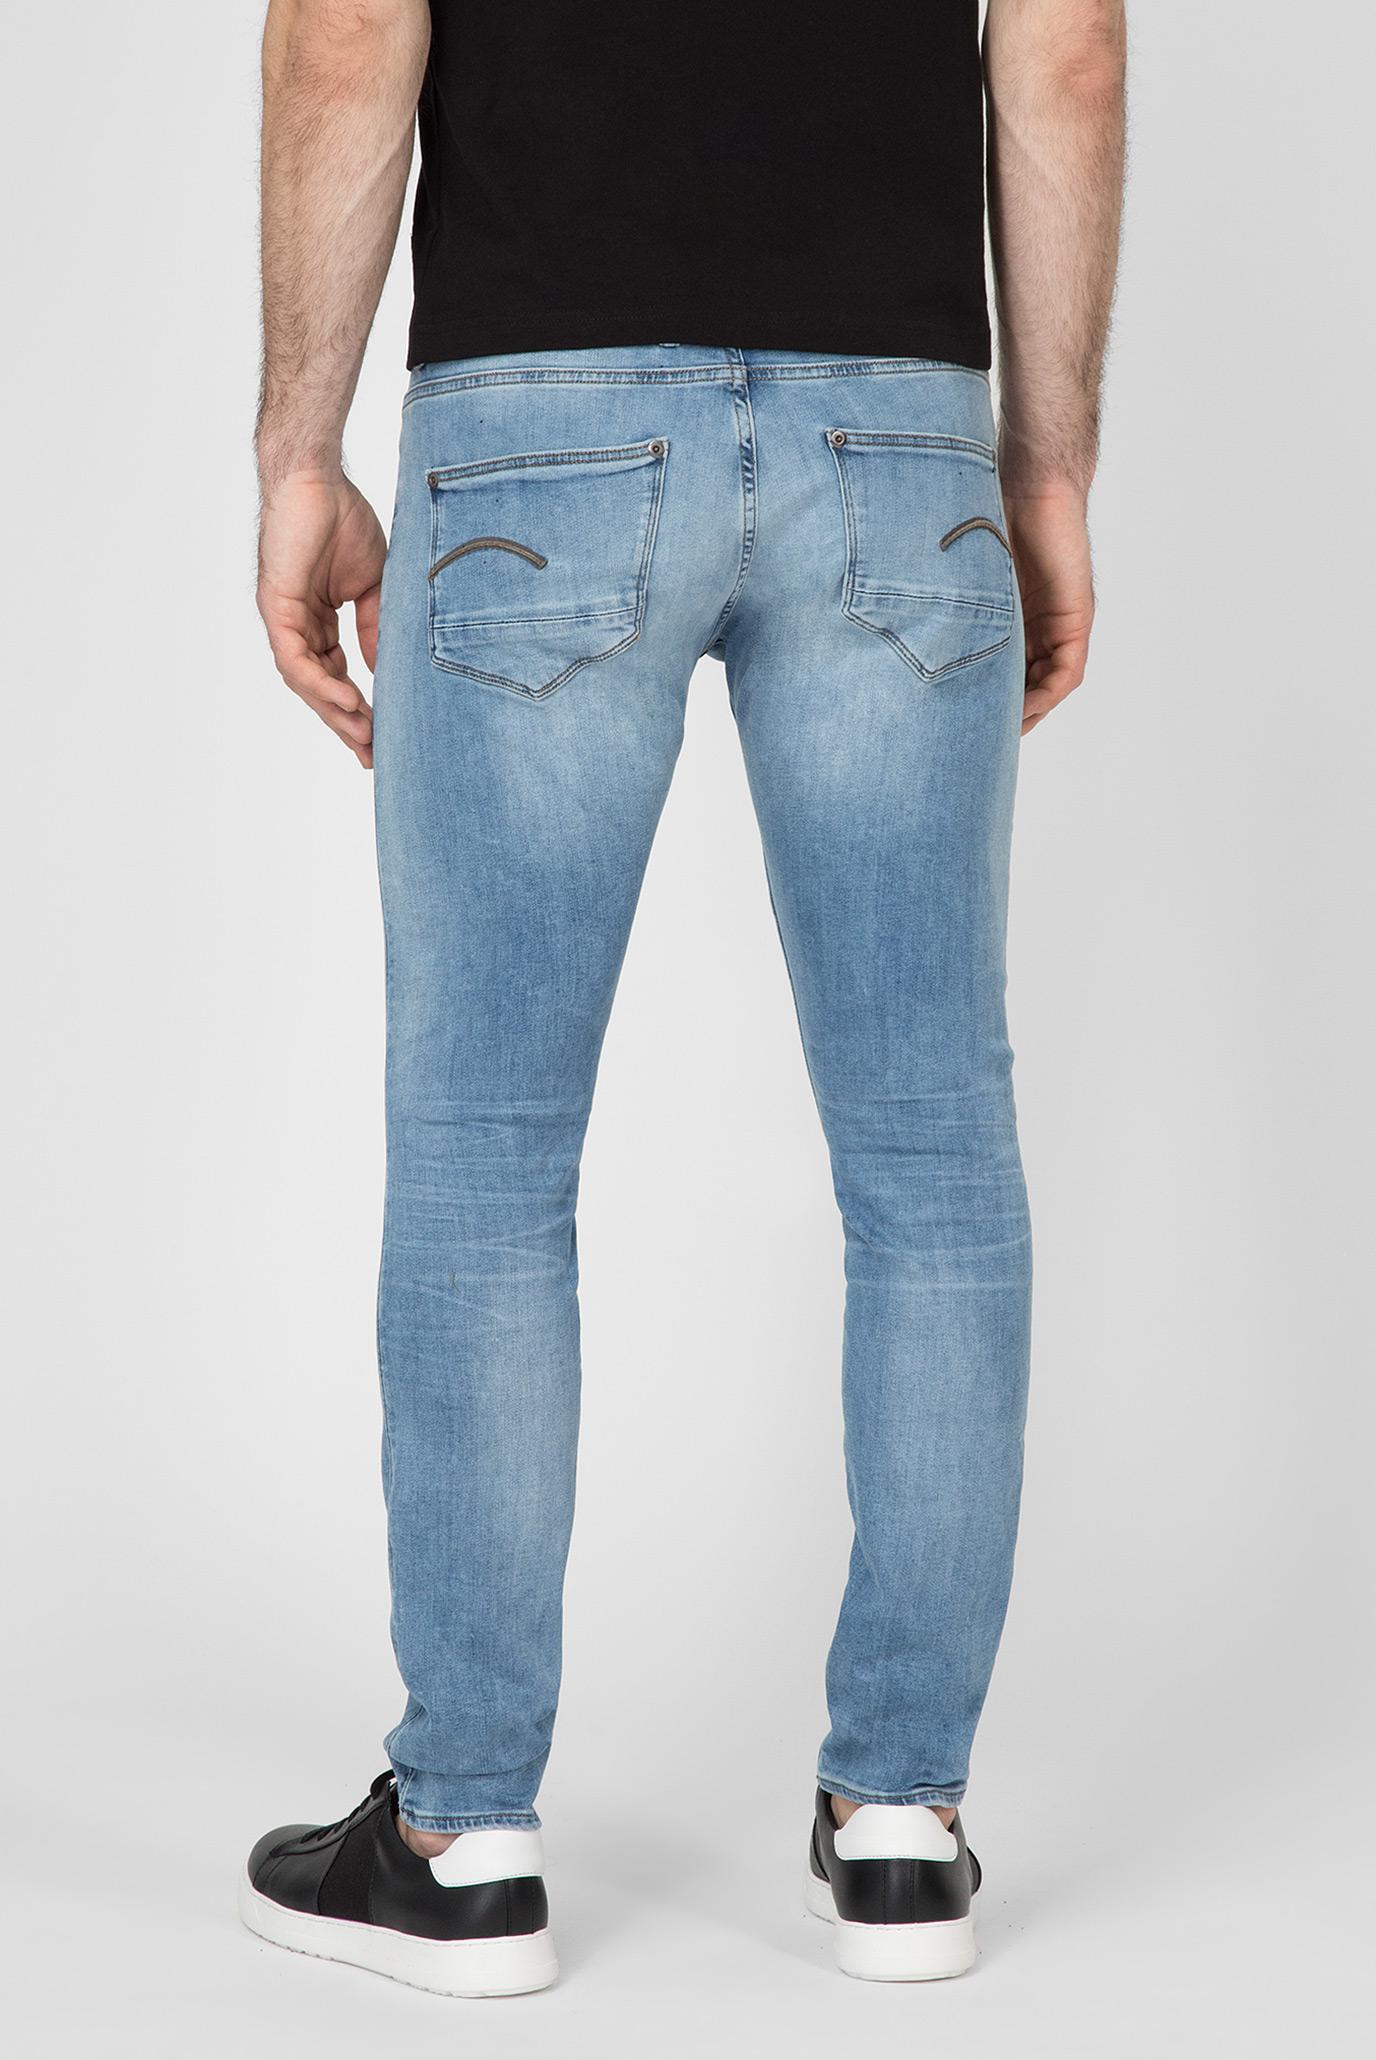 Купить Мужские голубые джинсы REVEND G-Star RAW G-Star RAW 51010,8968 – Киев, Украина. Цены в интернет магазине MD Fashion